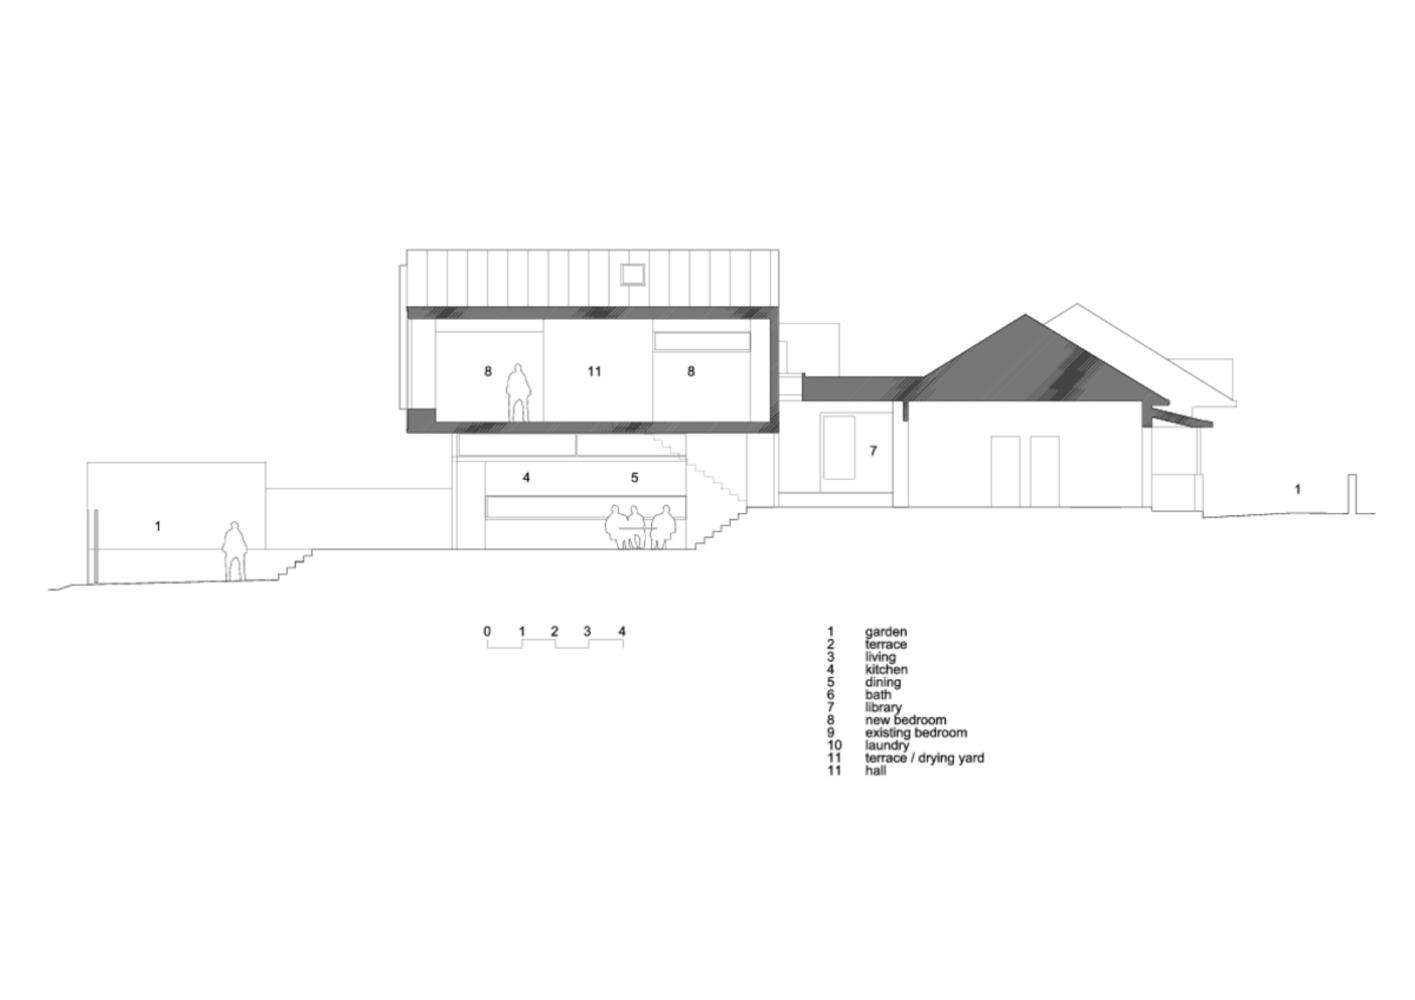 Mặt bằng nhà phố - dolls house - 3